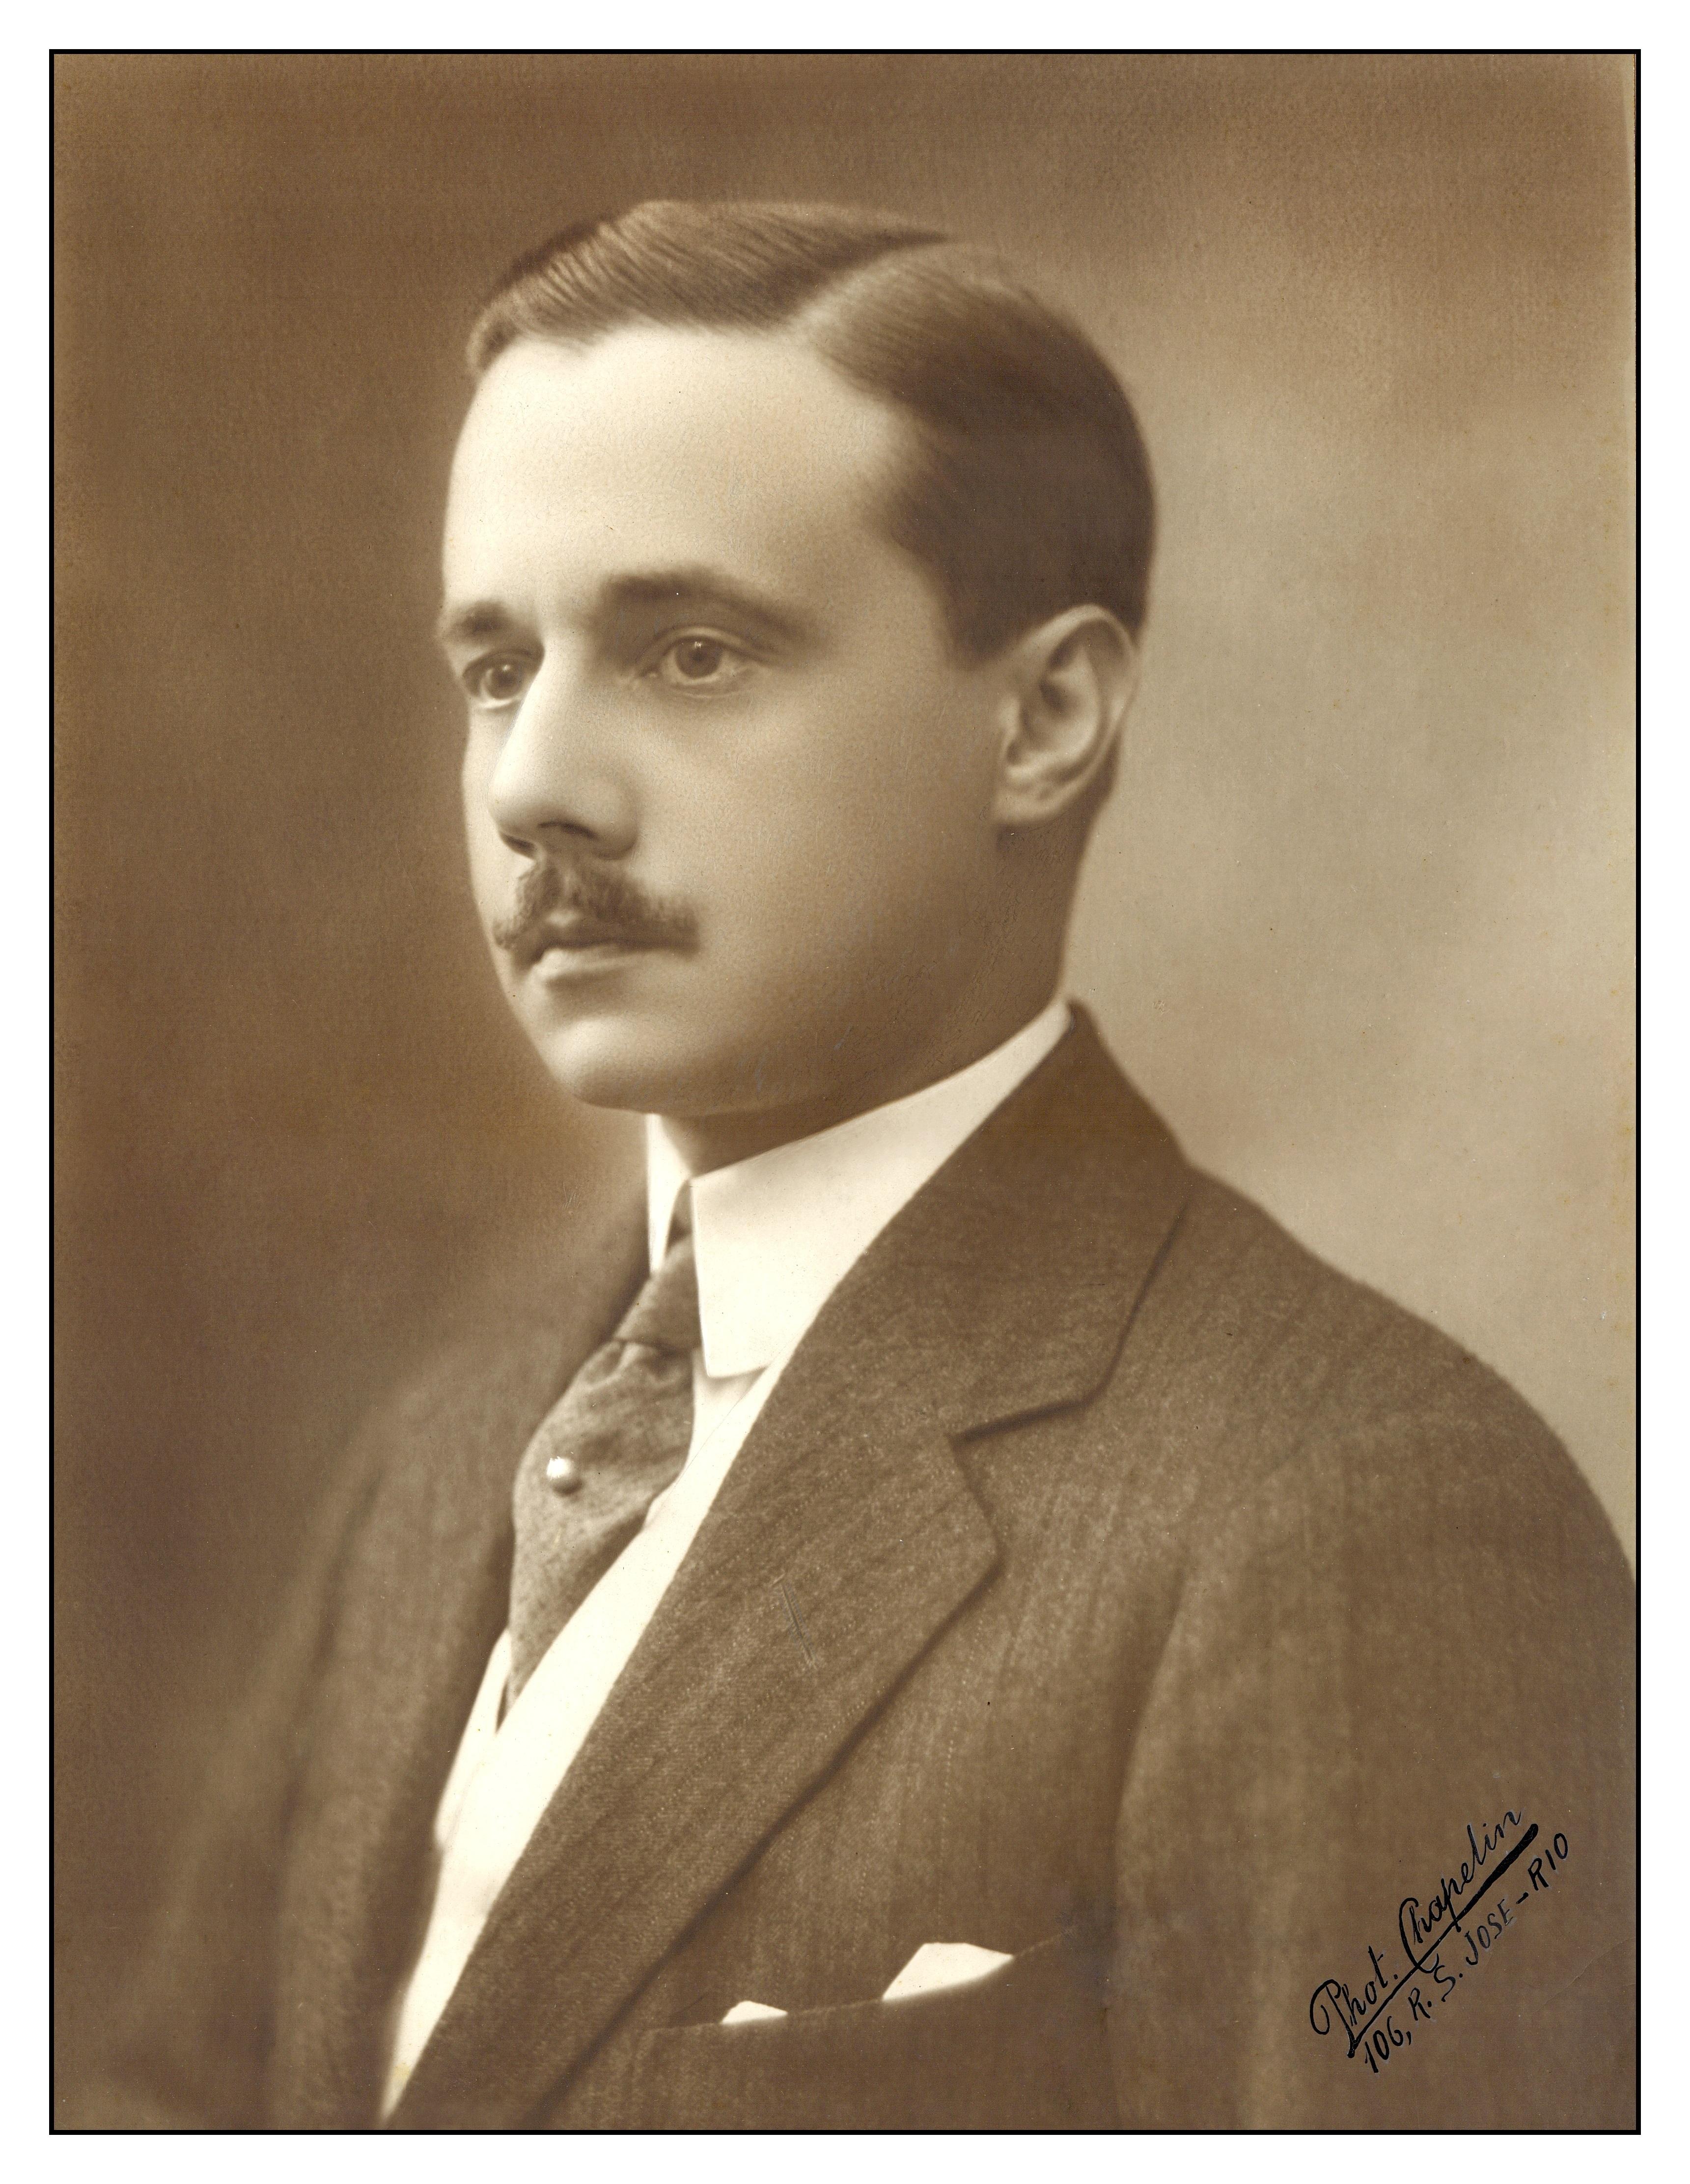 Carlos Guinle